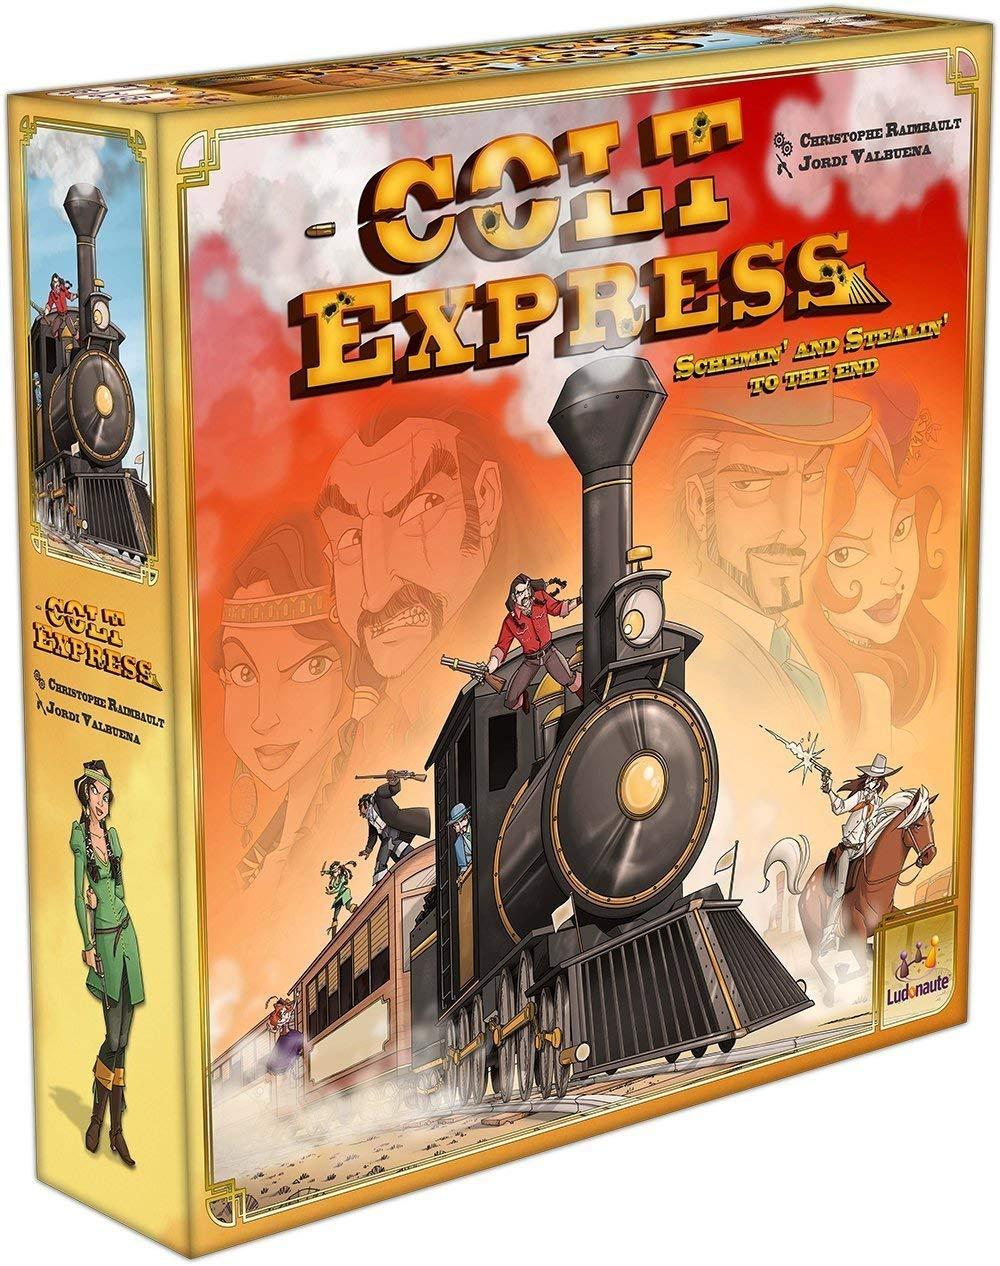 Ludonaute - Juego de tablero Colt Express: Amazon.es: Juguetes y juegos